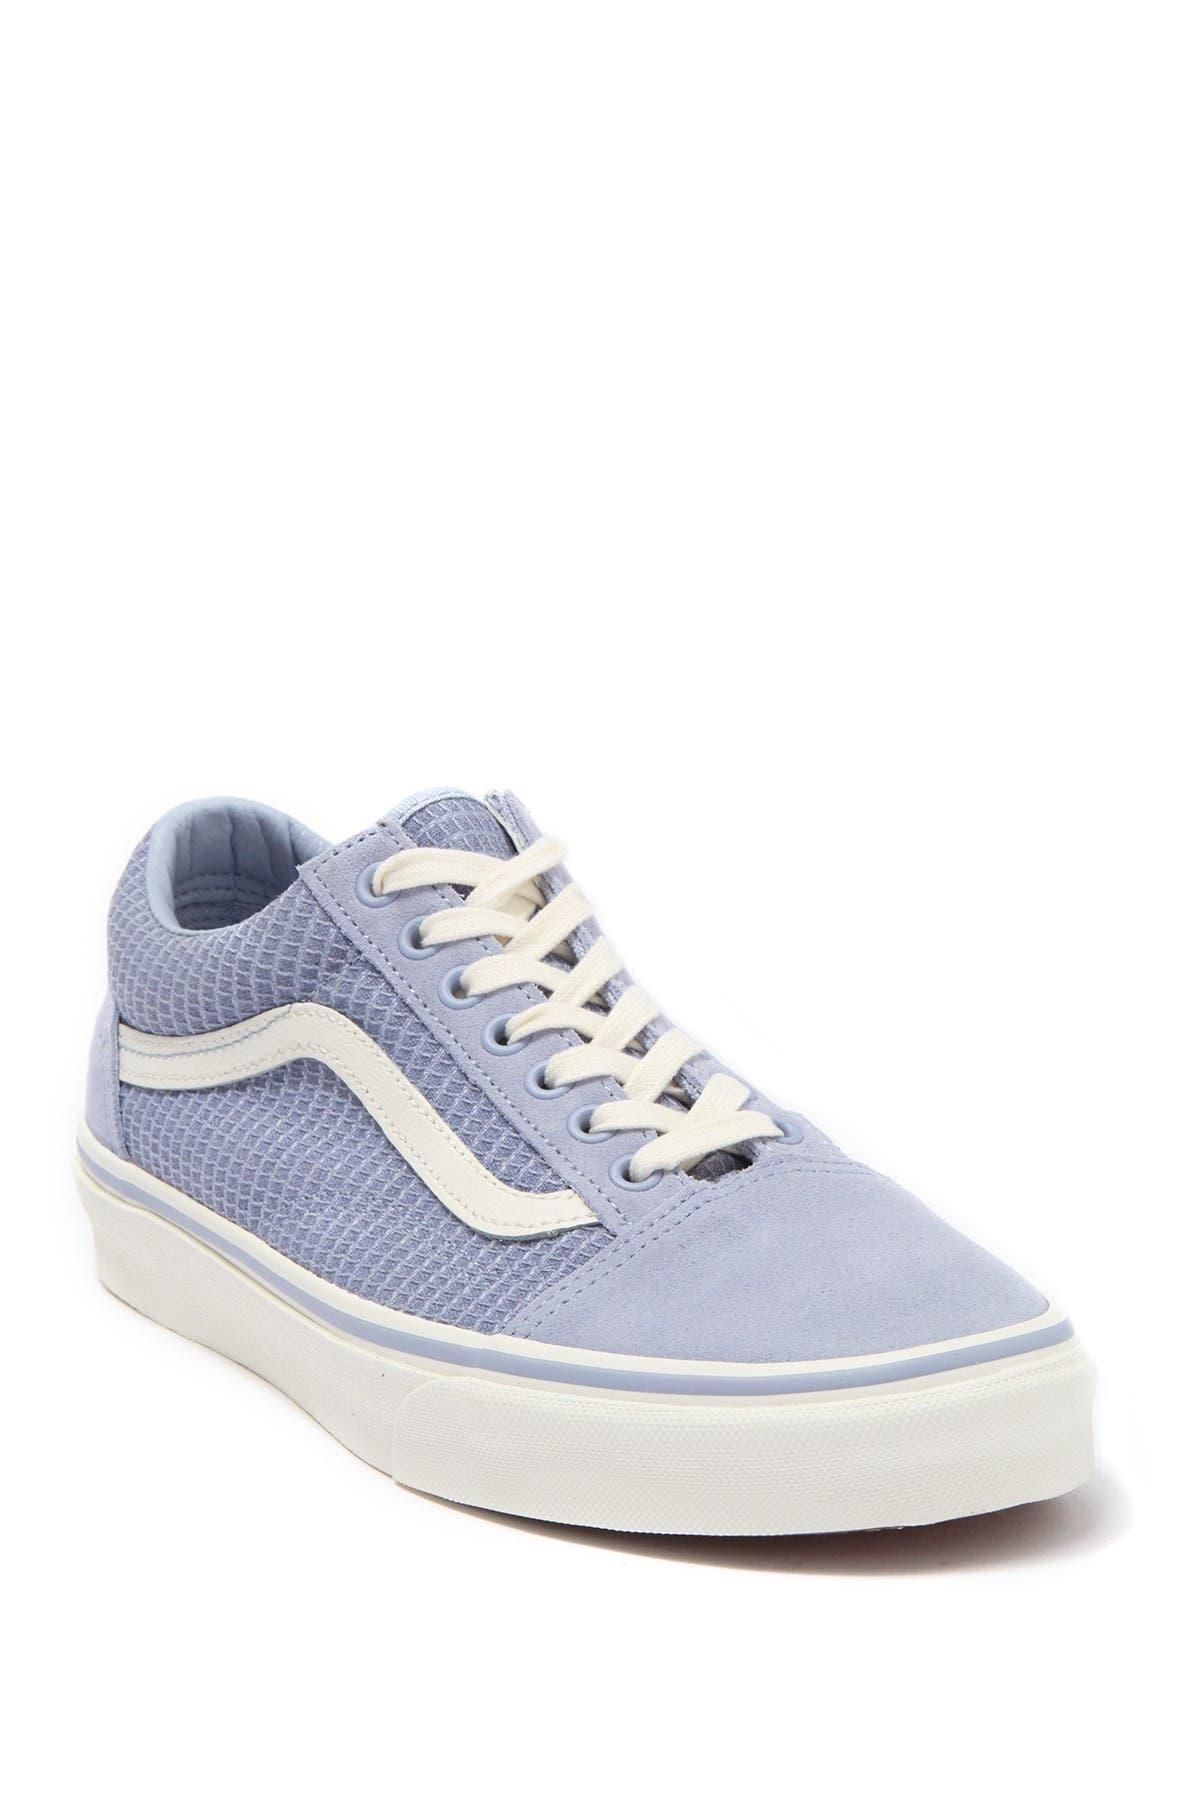 Image of VANS Old Skool Sneaker